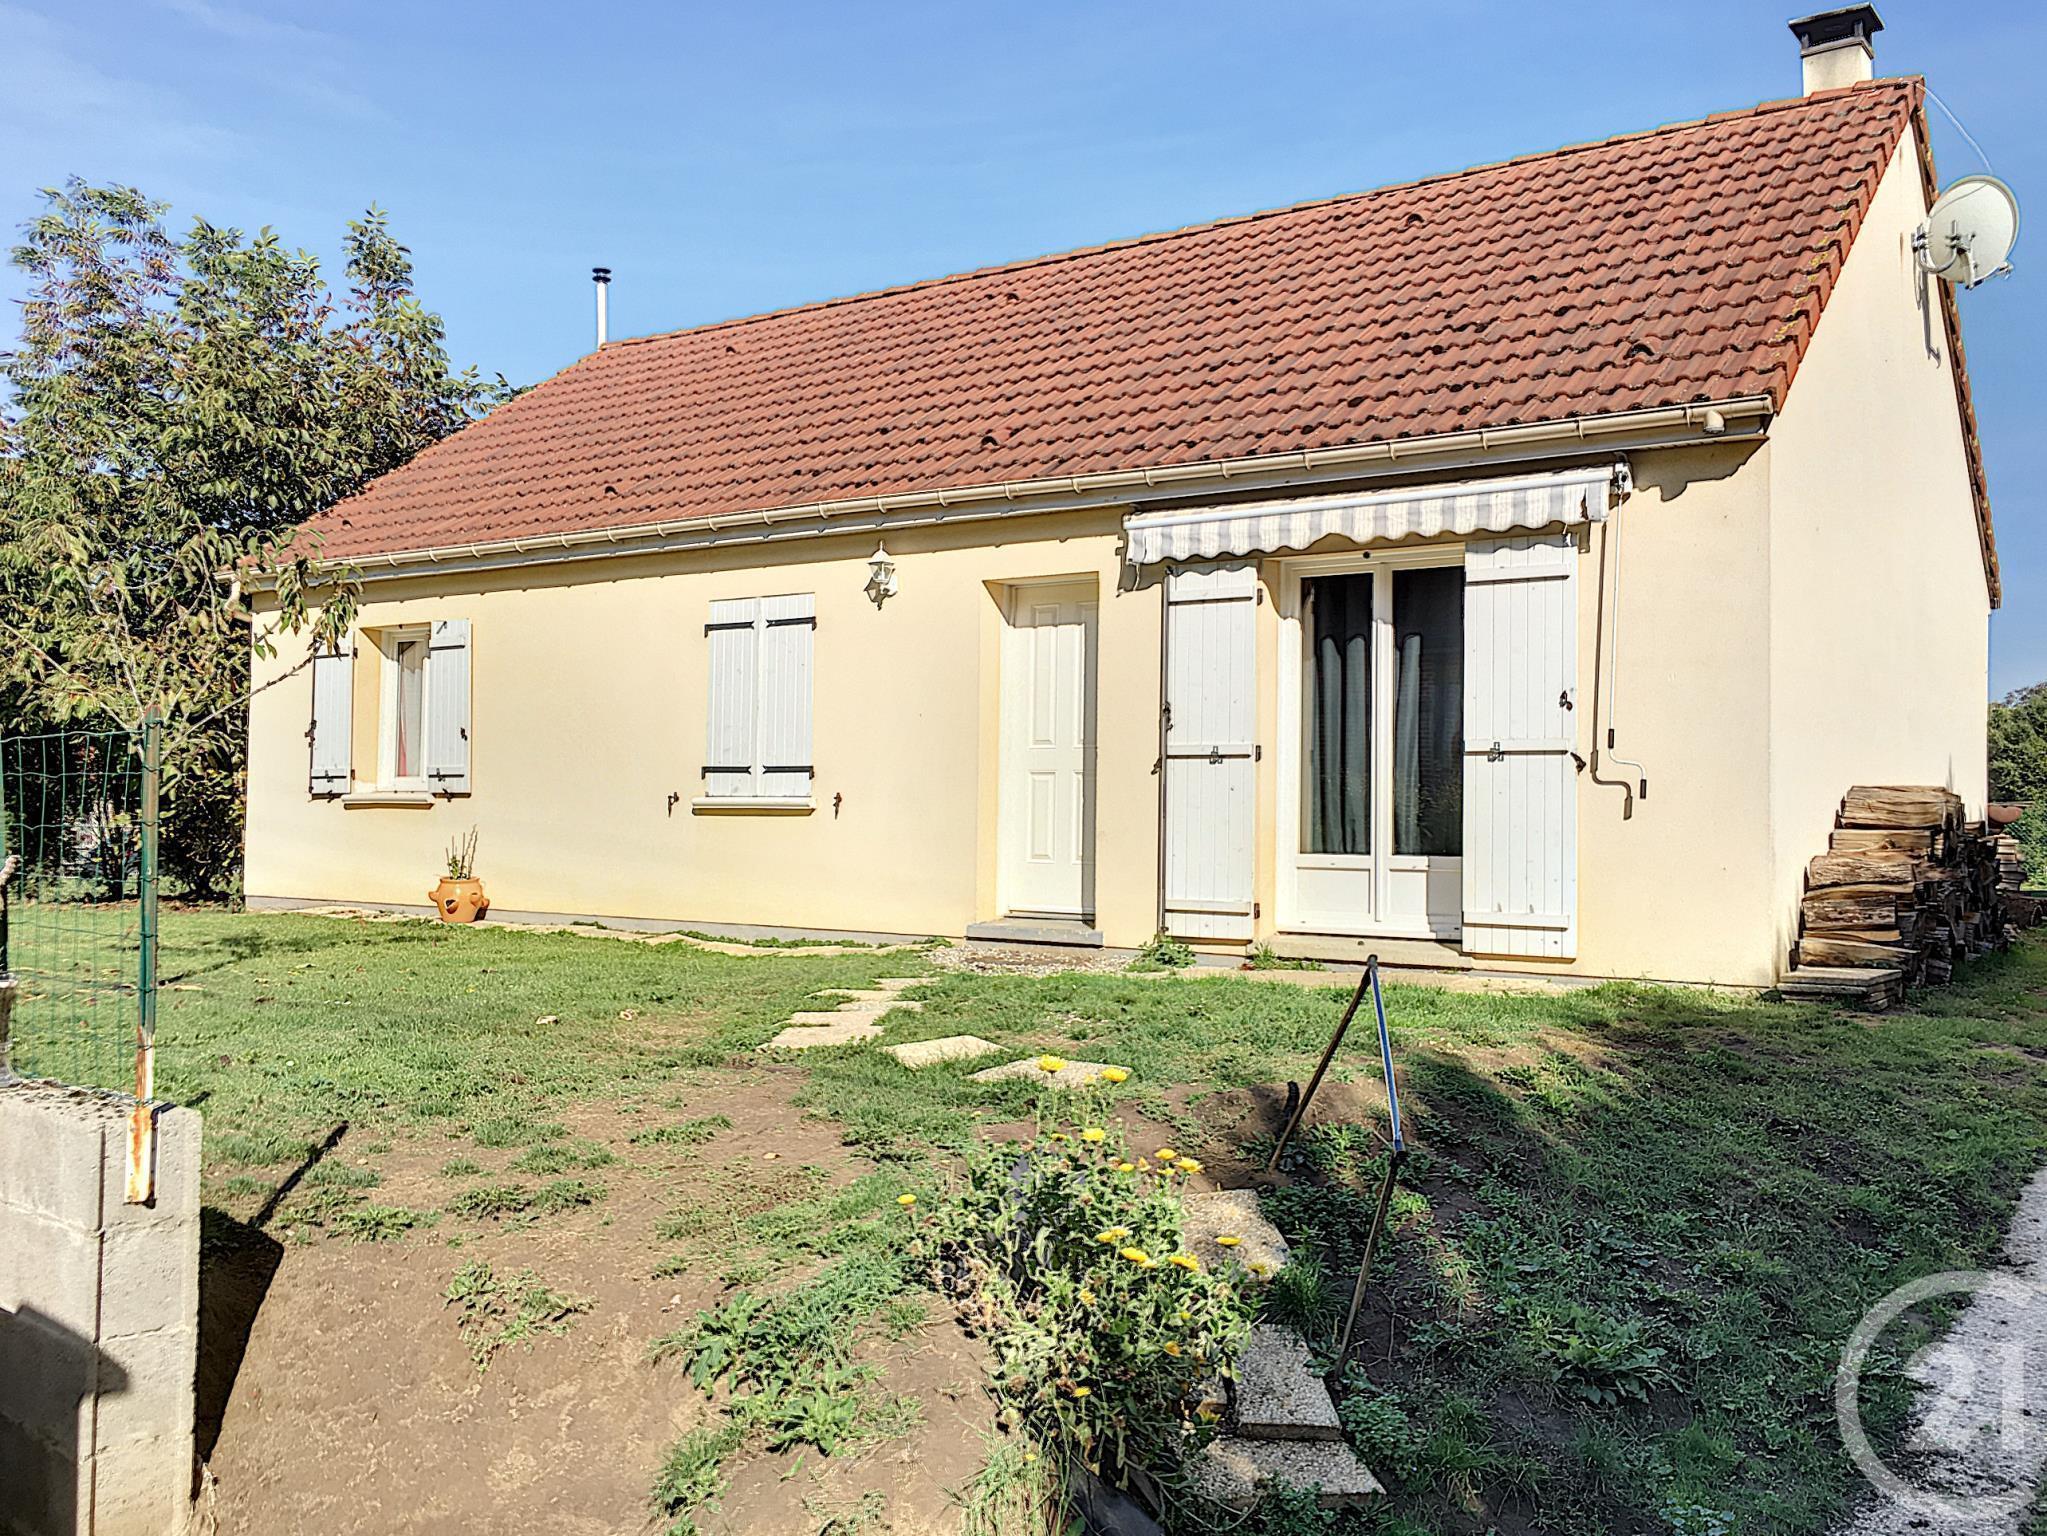 Maison à vendre - 5 pièces - 88 m2 - BOULOGNE LA GRASSE - 60 - PICARDIE 5a0e03e9f077